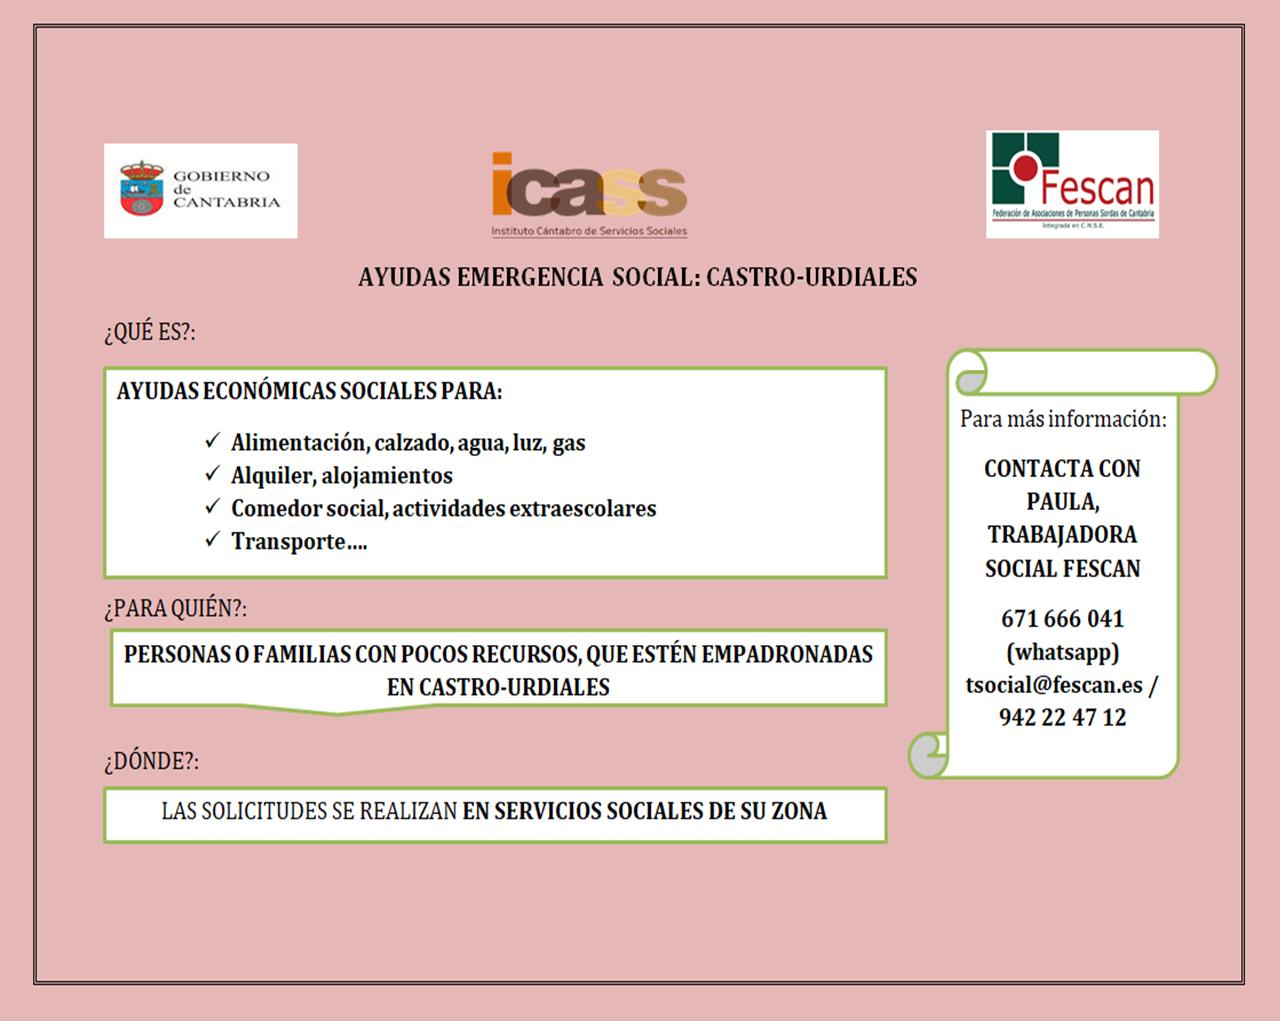 AYUDAS DE EMERGENCIA SOCIAL - CASTRO URDIALES